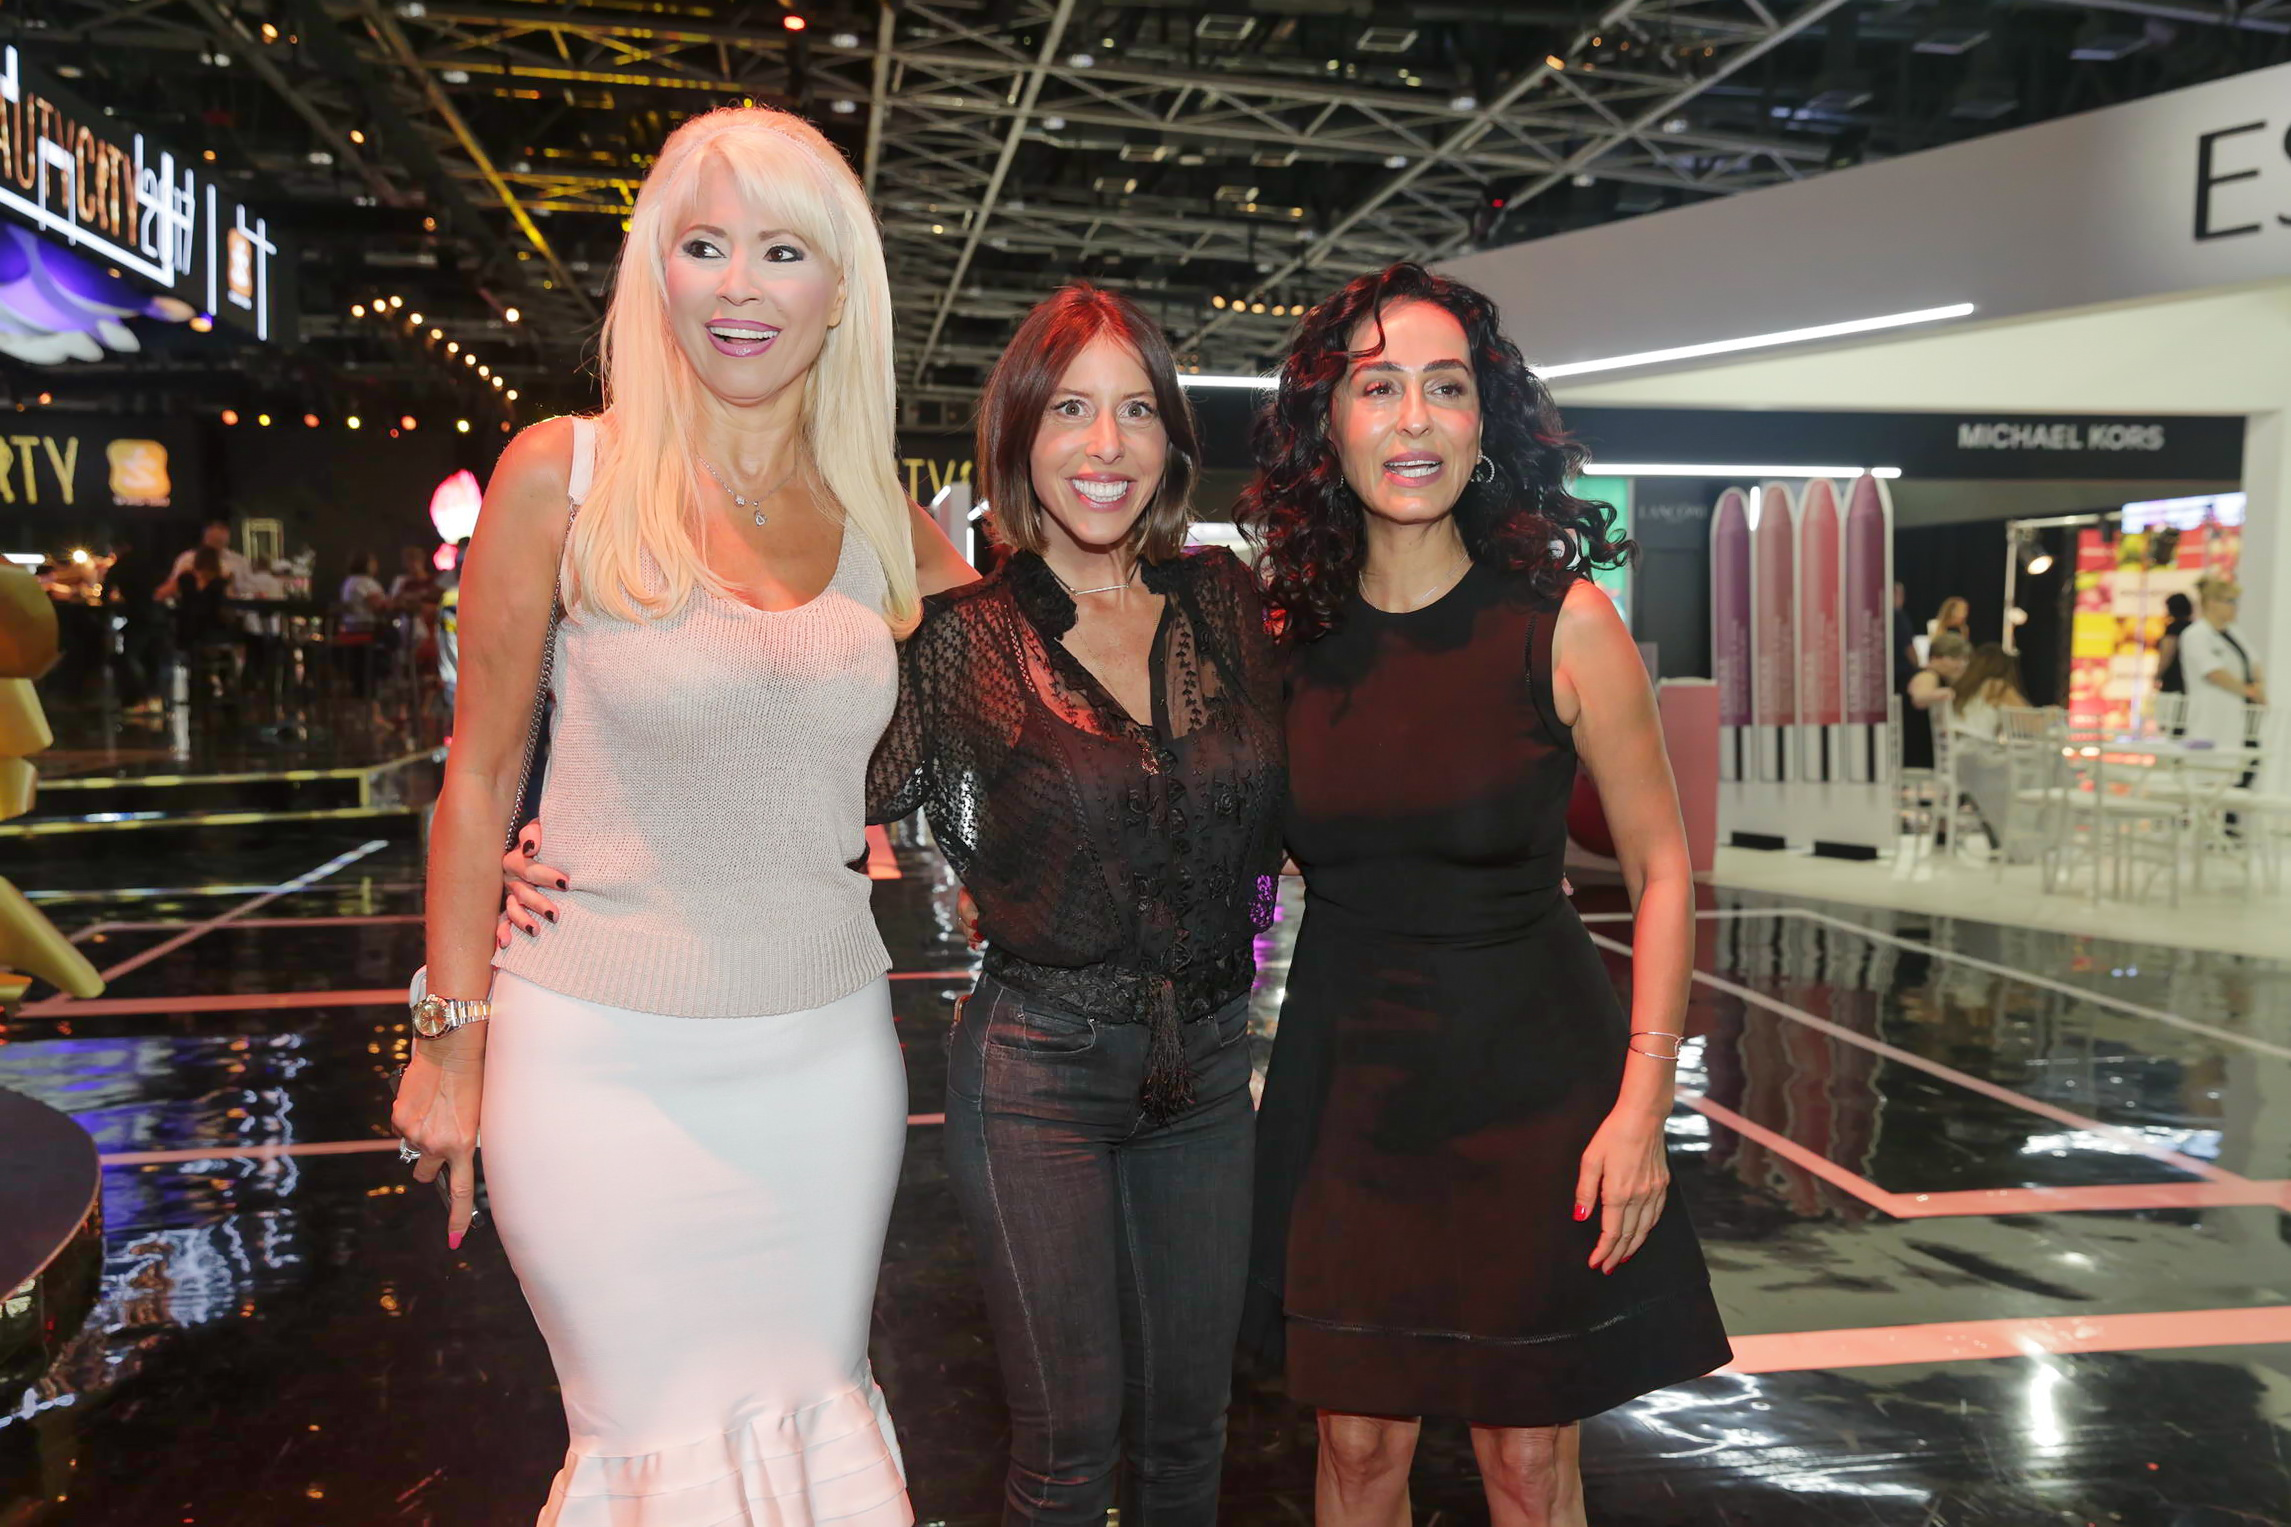 סטייל בינלאומי... המעצבת ענבל דרור נותנת שואו מלא גלורי בתצוגת אופנה בביוטי סיטי צילום שוקה כהן